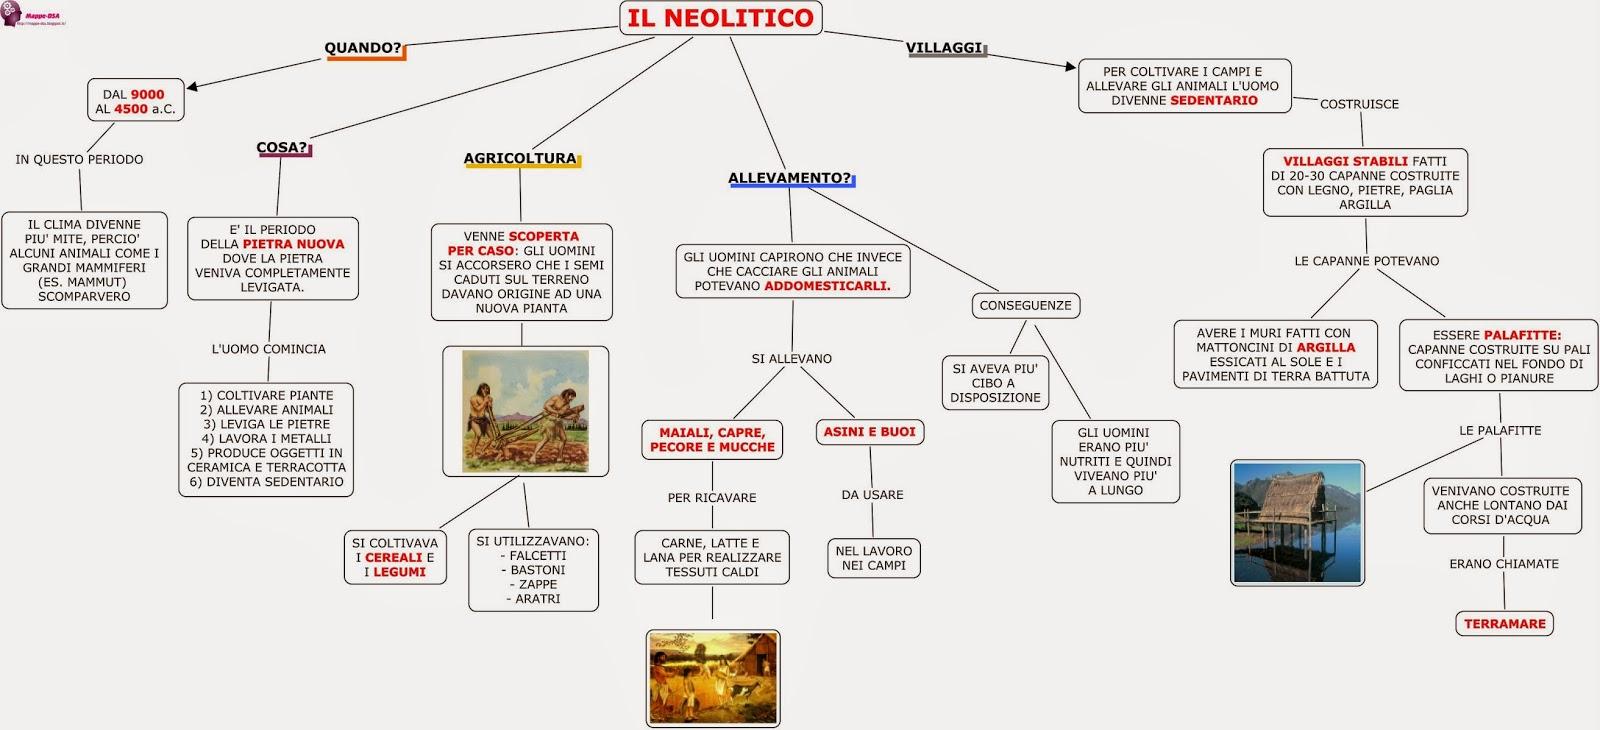 mappa dsa storia neolitico